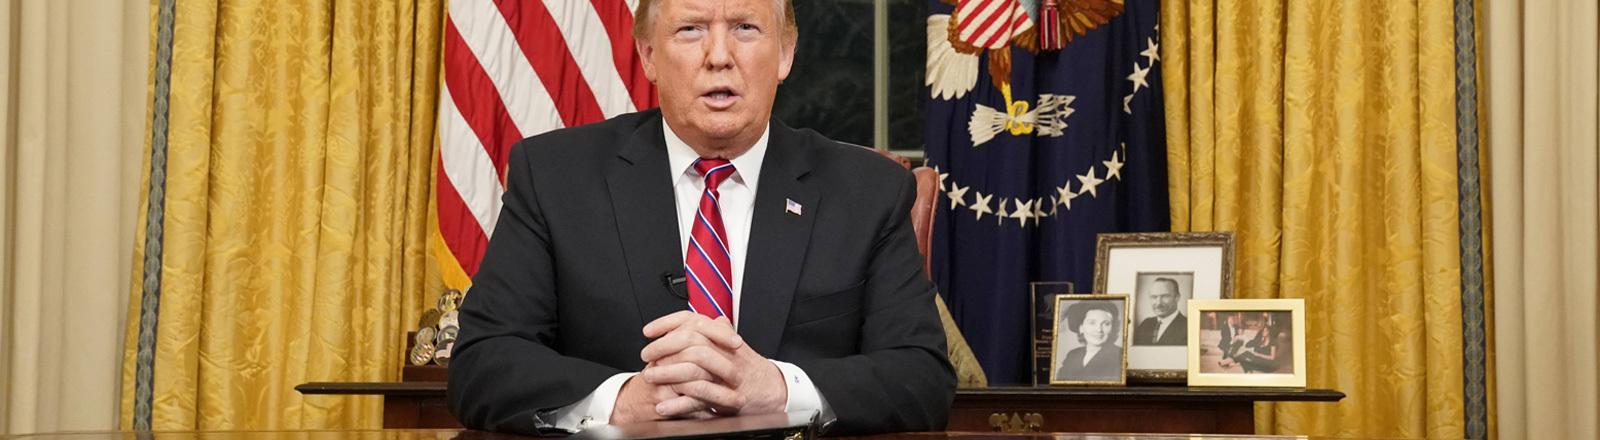 Donald Trump sitzt am Schreibtisch im Oval Office während seiner Rede zur Nation (08.01.2019)